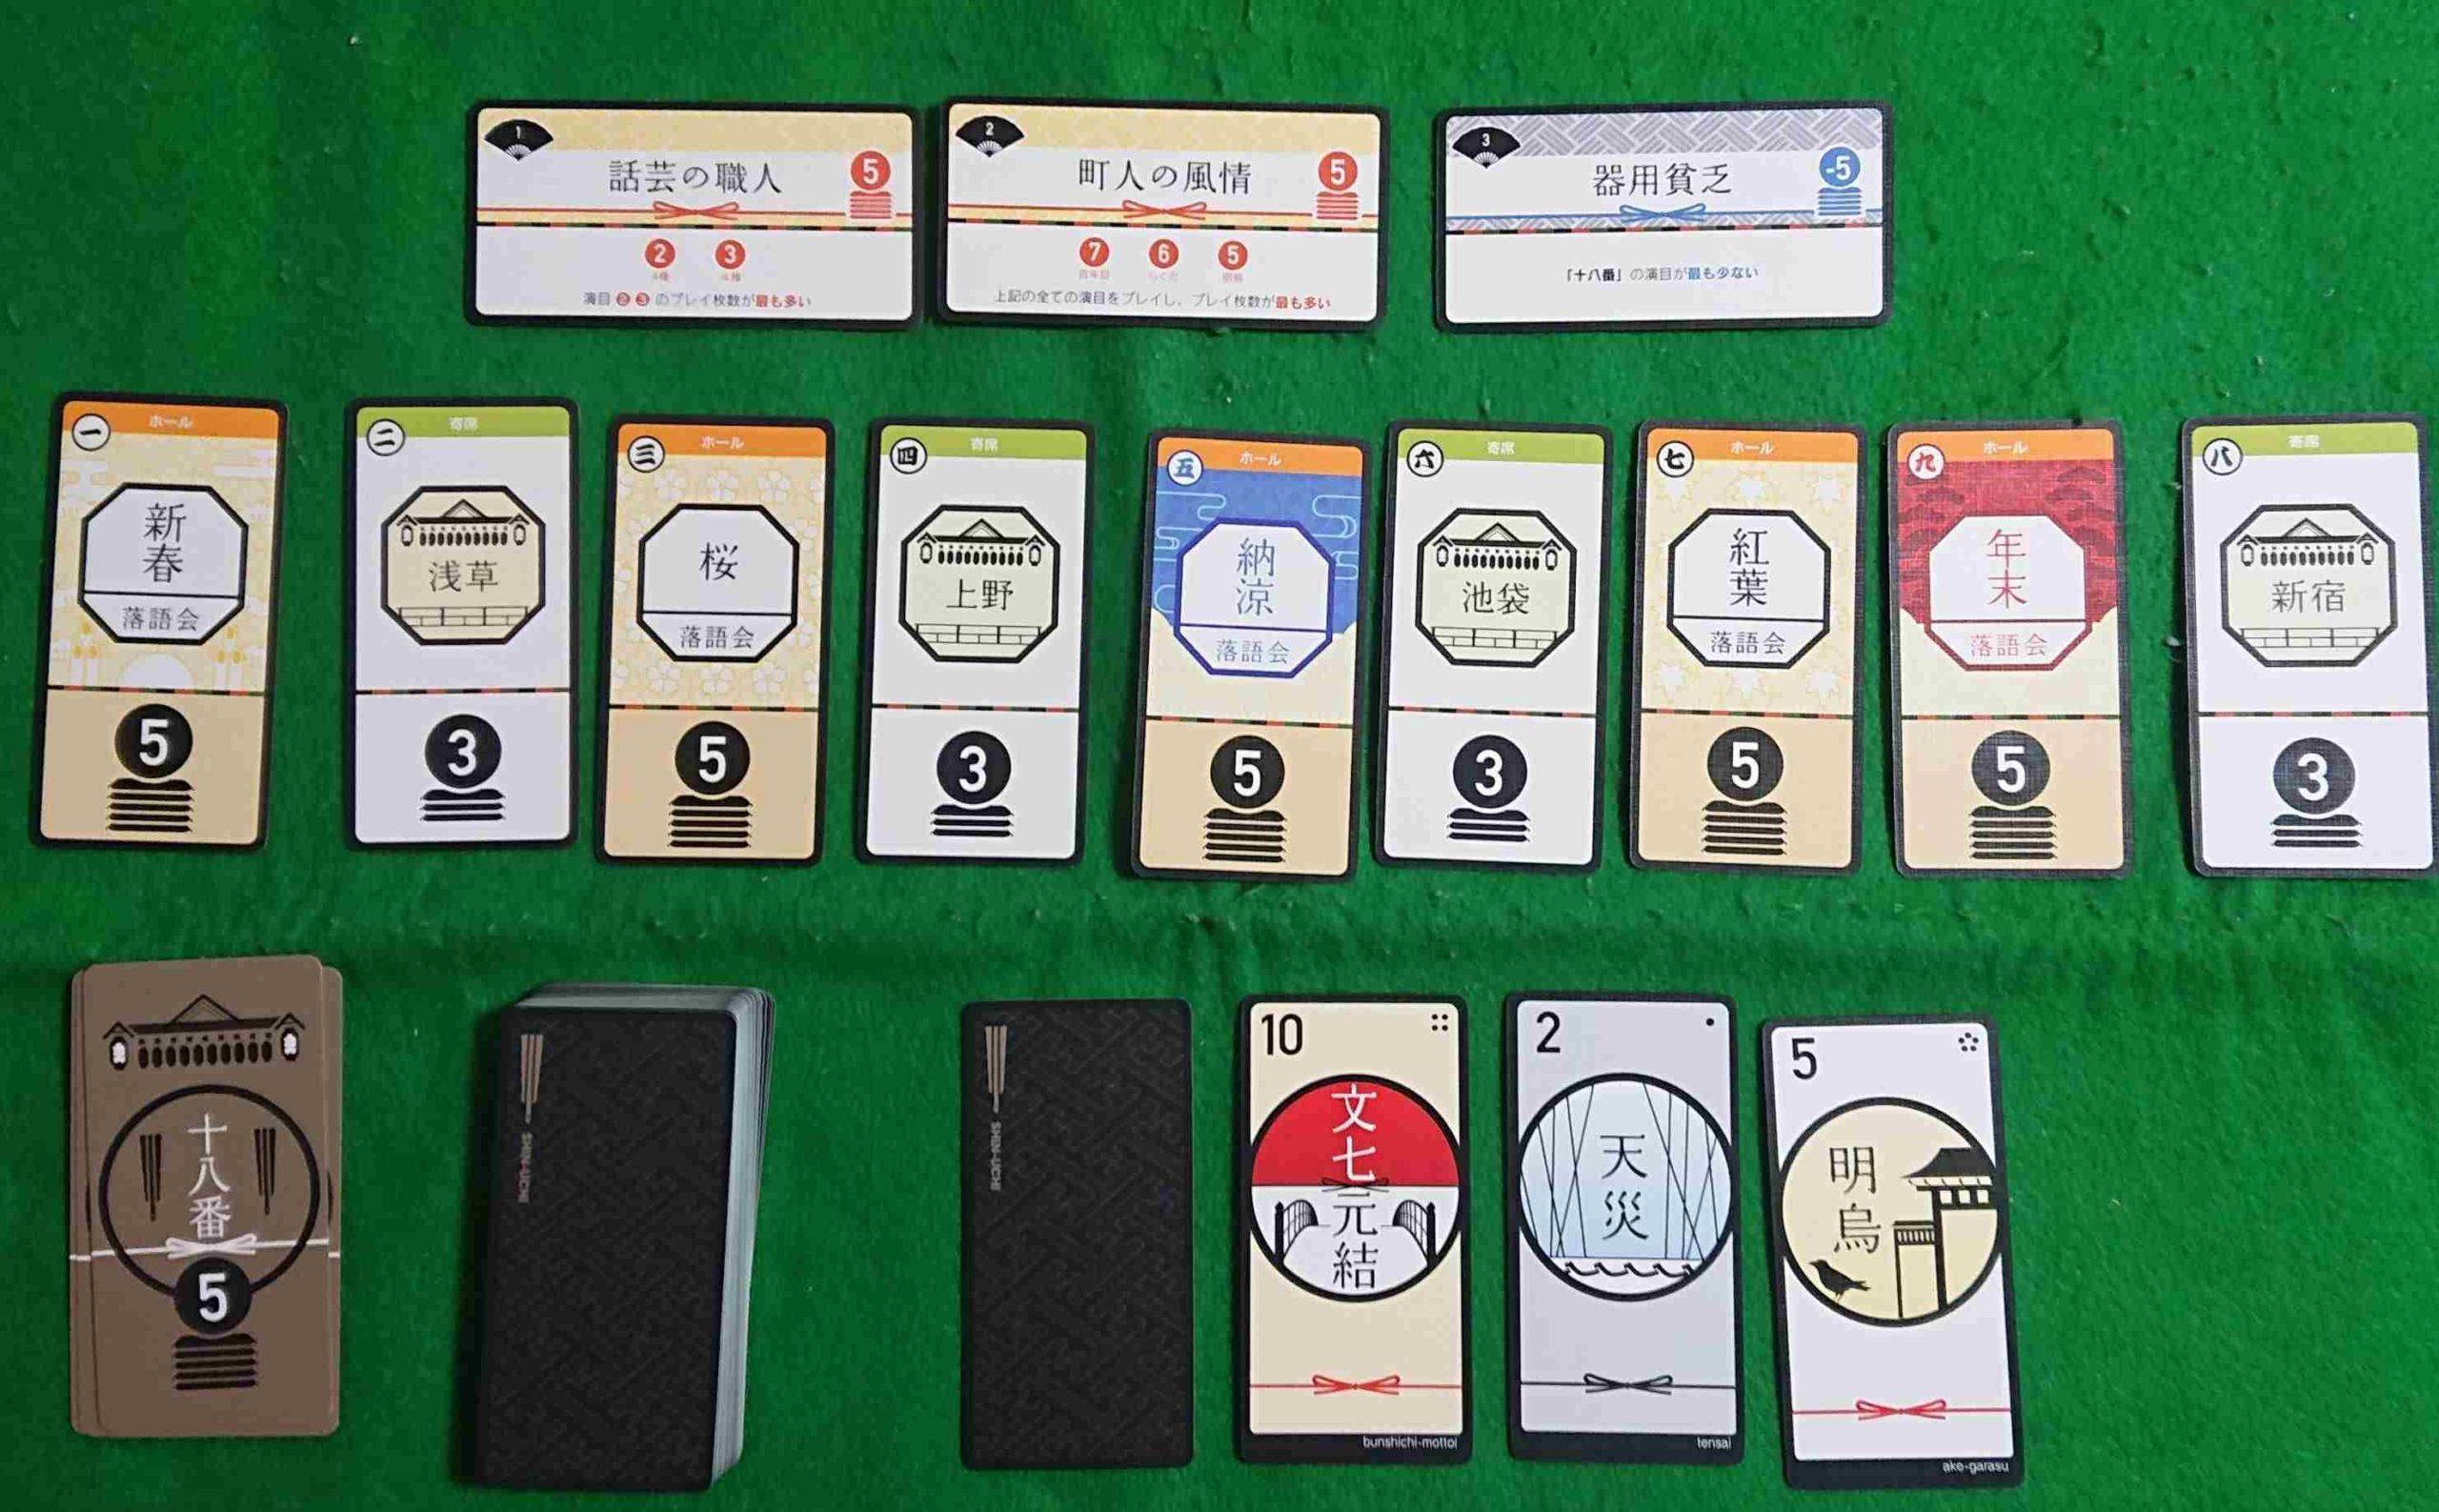 真打(しんうち) ルール&レビュー 落語会で「トリ」をつとめ名声を! トリックテイキング カードゲーム ボードゲーム